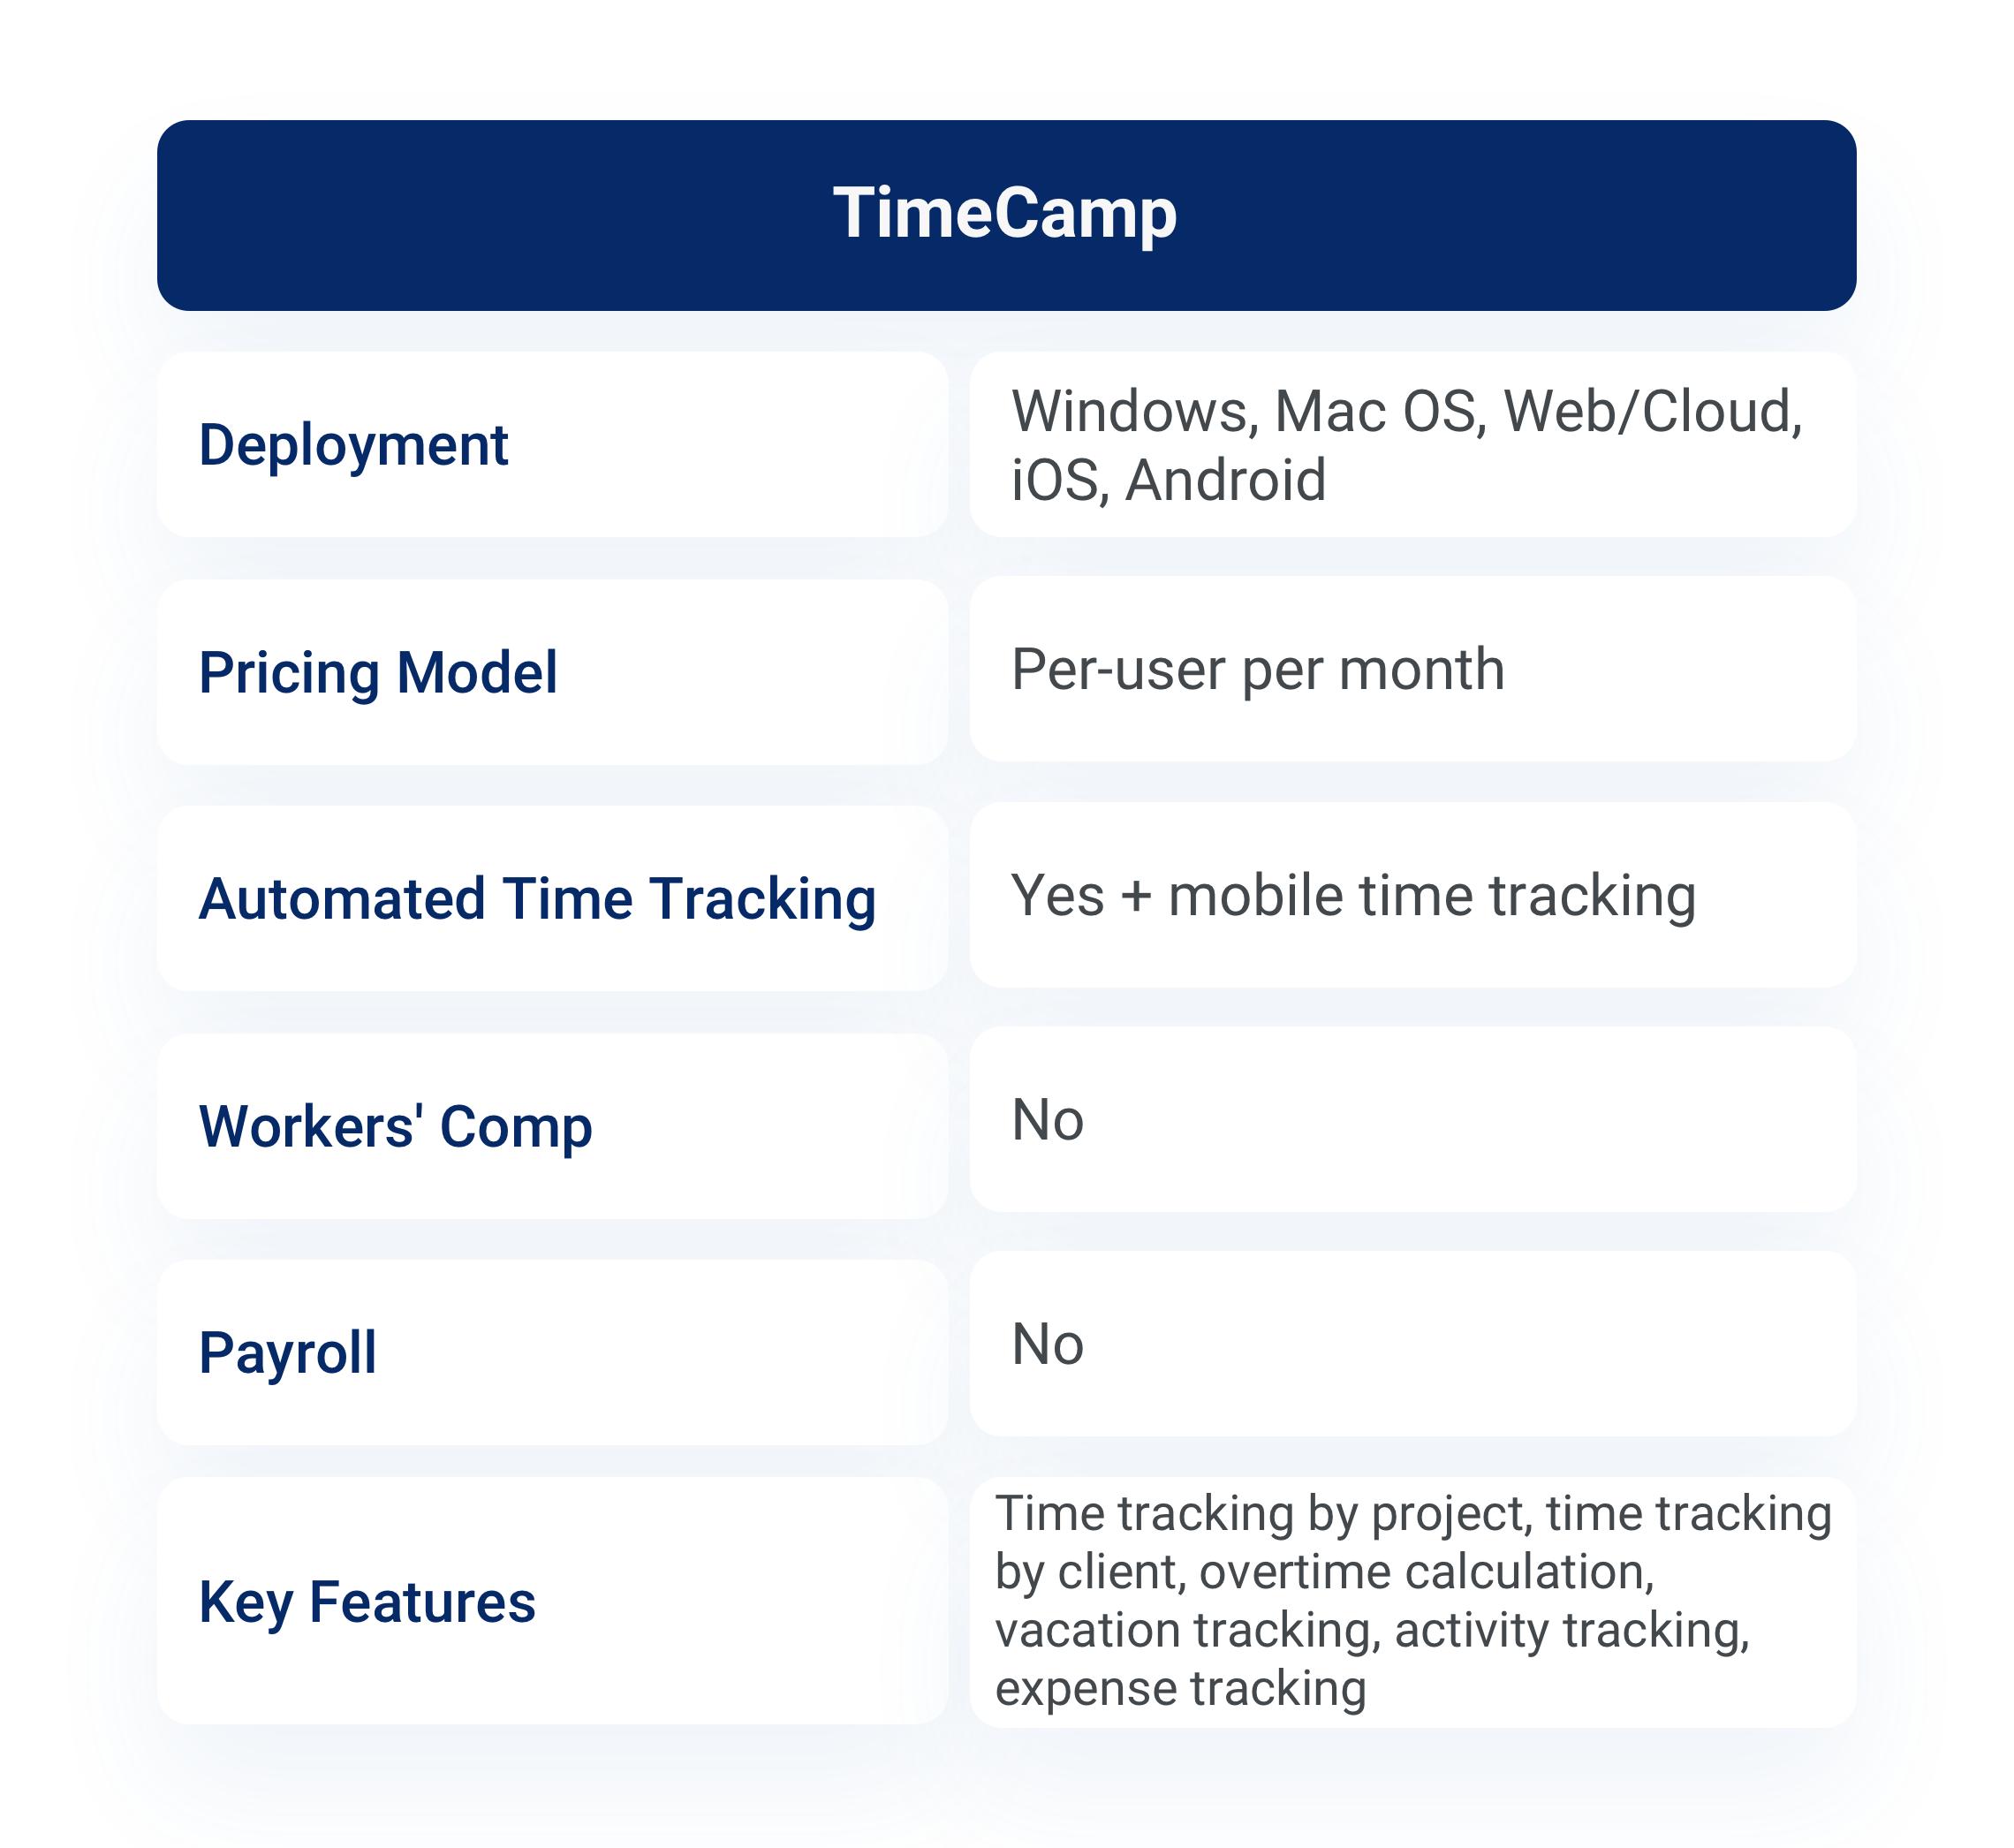 Product description for TimeCamp